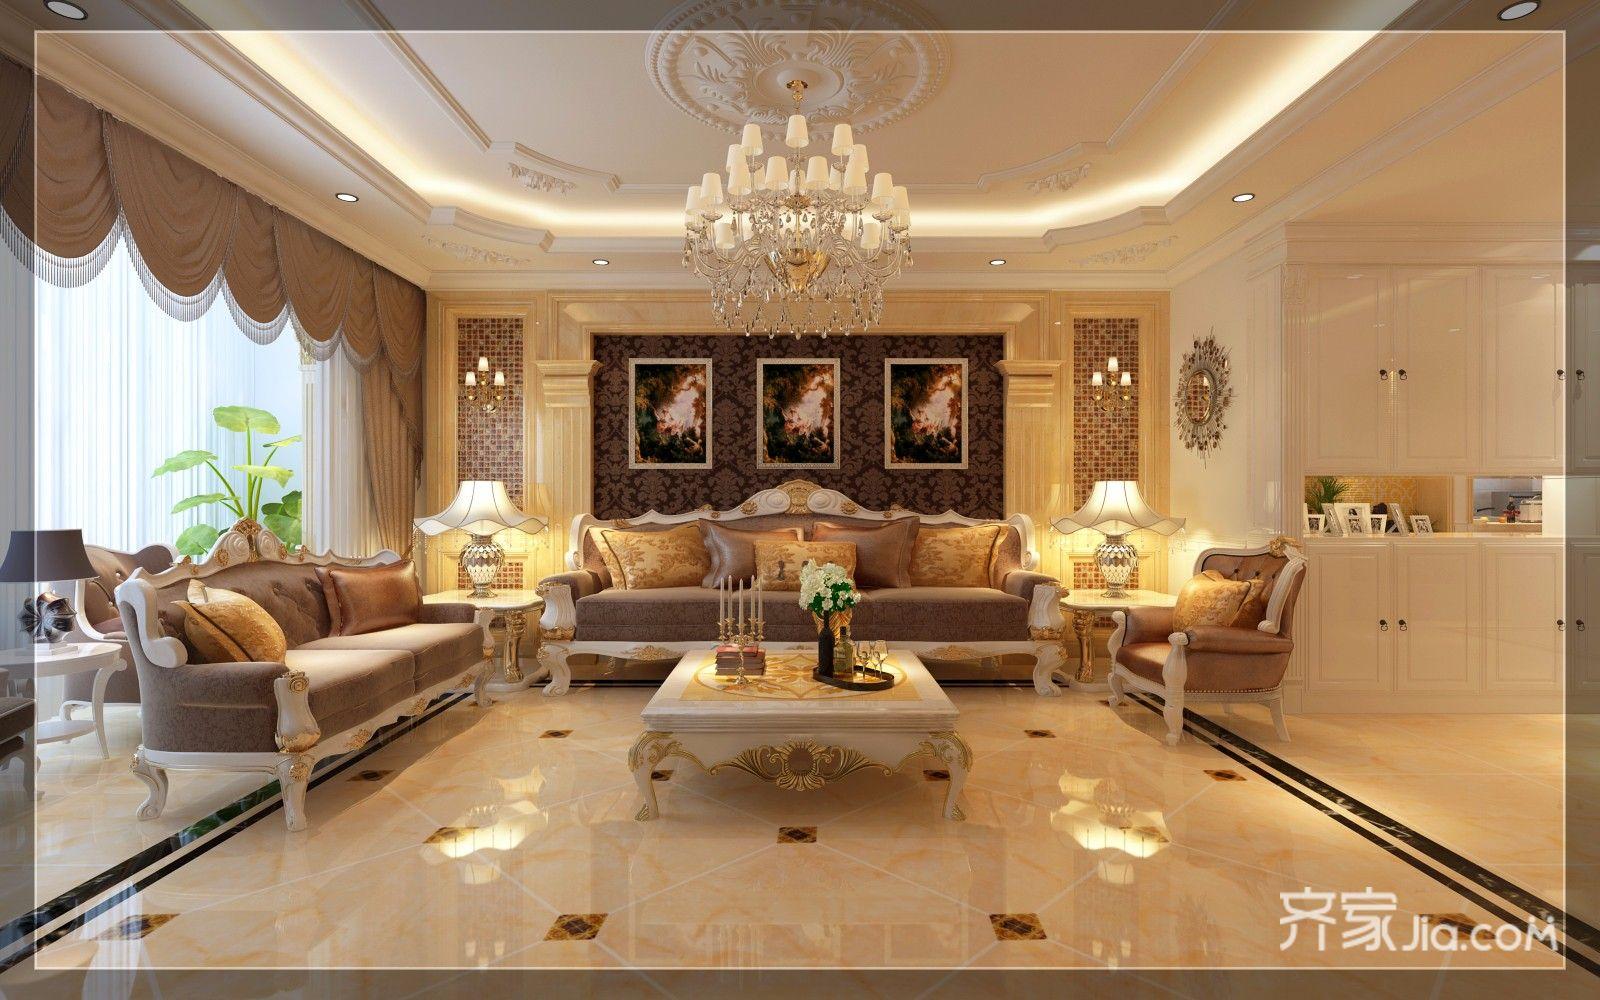 豪华欧式风格三居沙发背景墙装修效果图